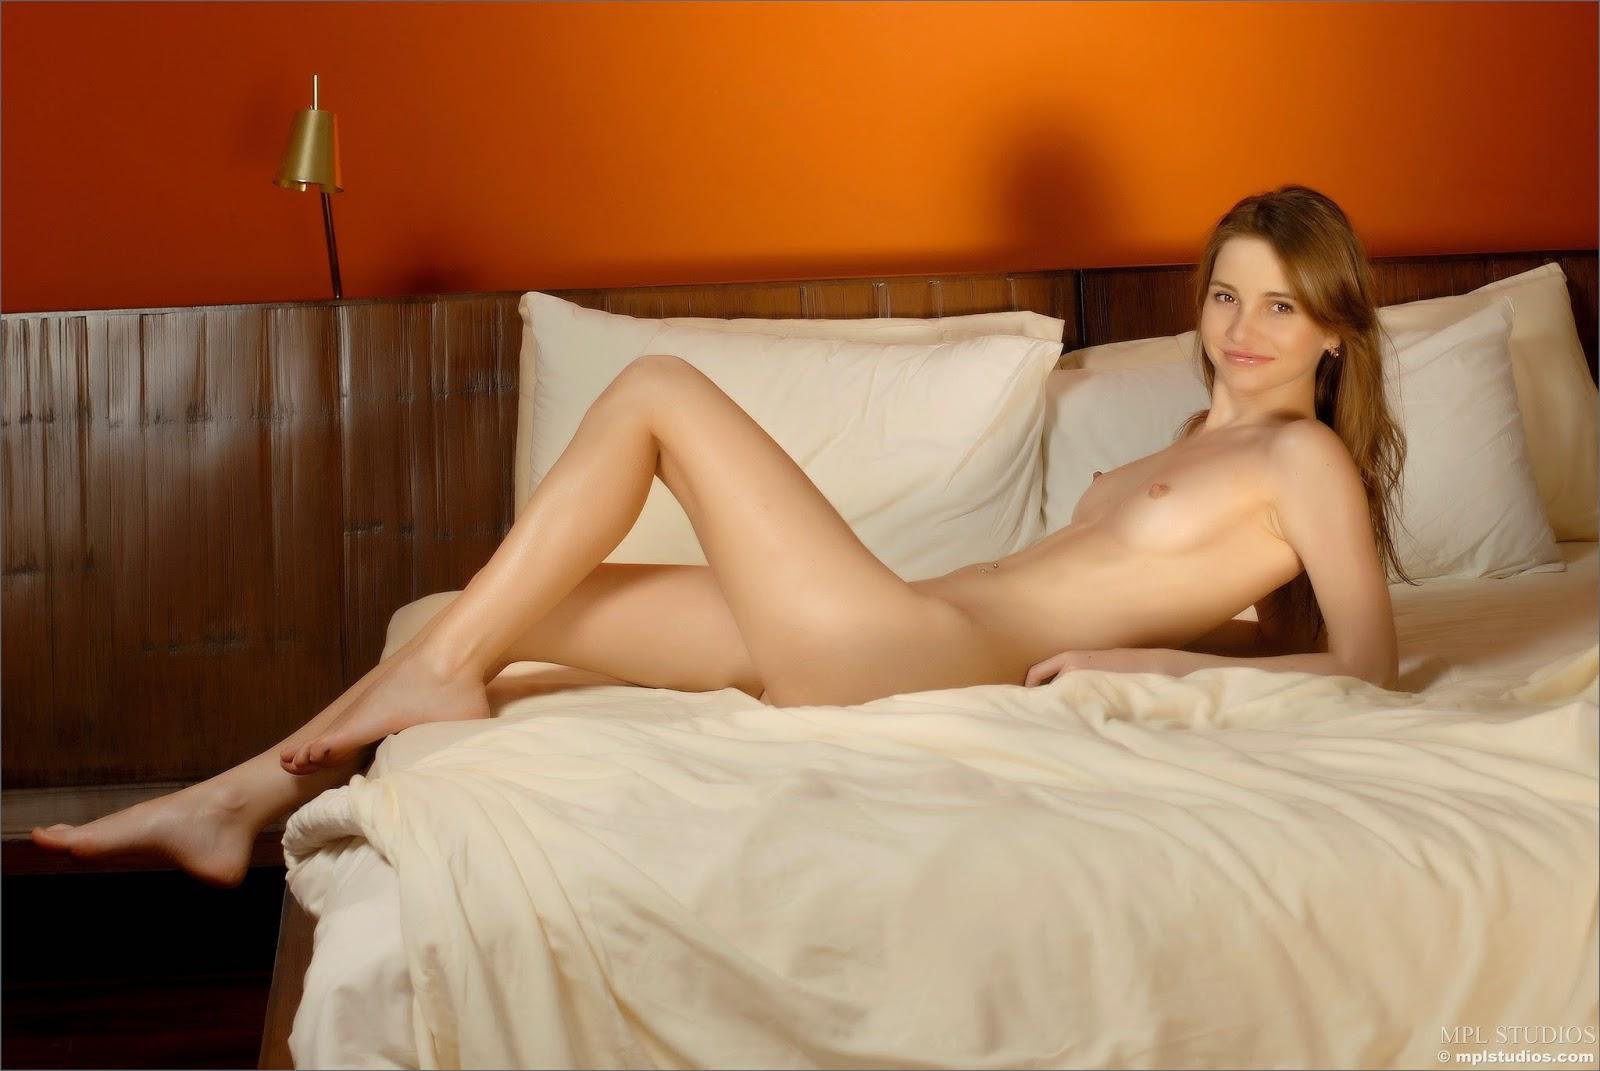 http://1.bp.blogspot.com/-24Xx2pB6Ags/VKgEY0bxVWI/AAAAAAAAJyE/Tpp8BRAw-W0/s1600/4393011.jpg